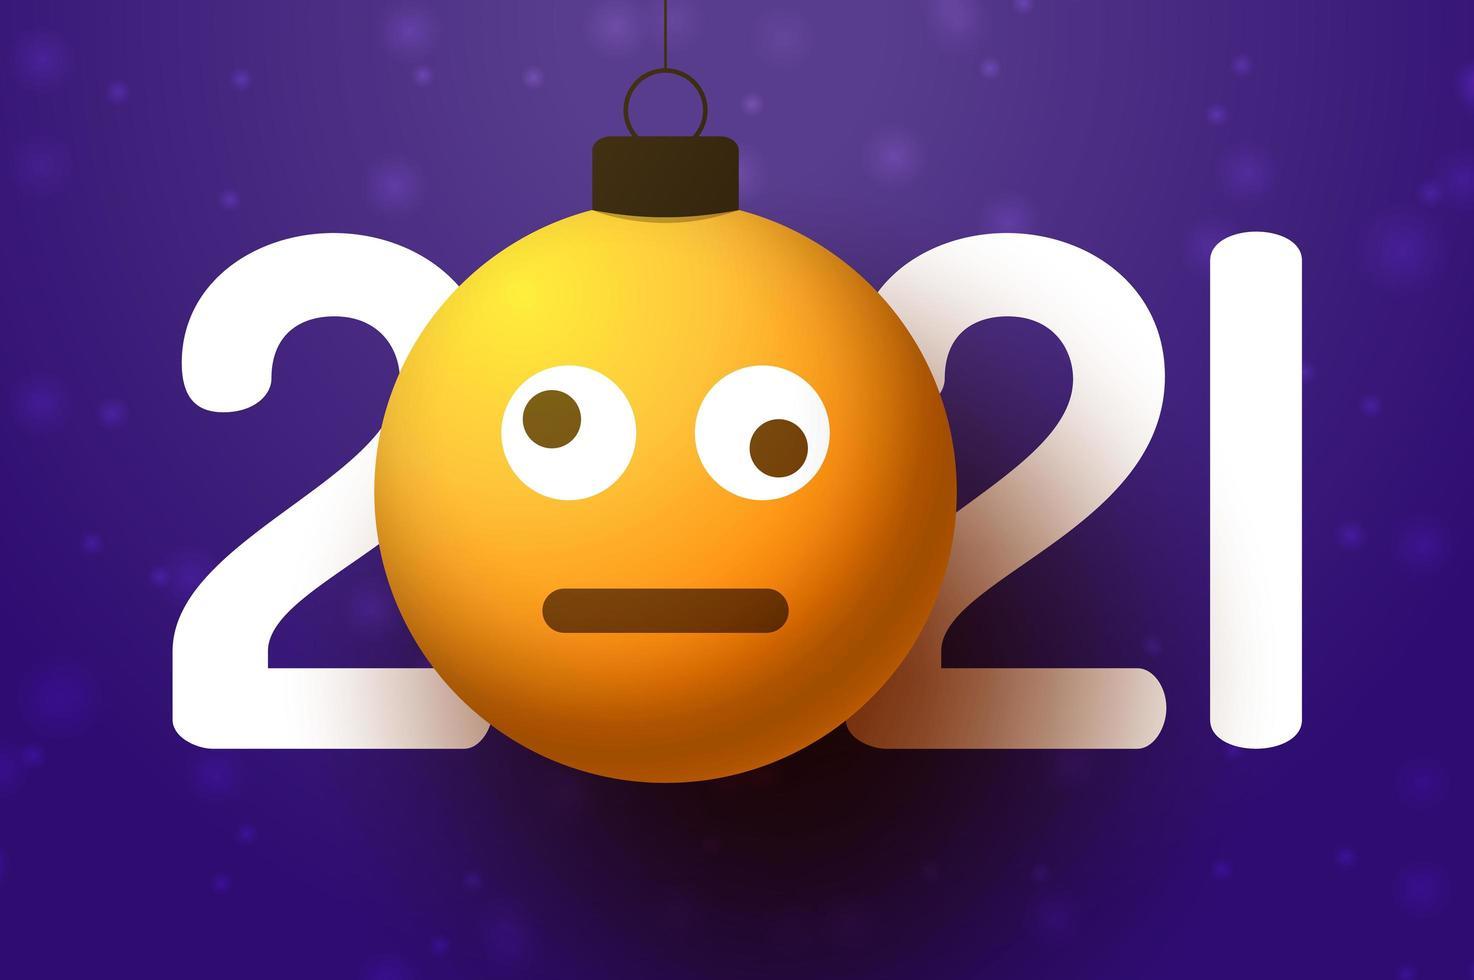 2021 nyårshälsning med förvirrad emoji-ansiktsprydnad vektor